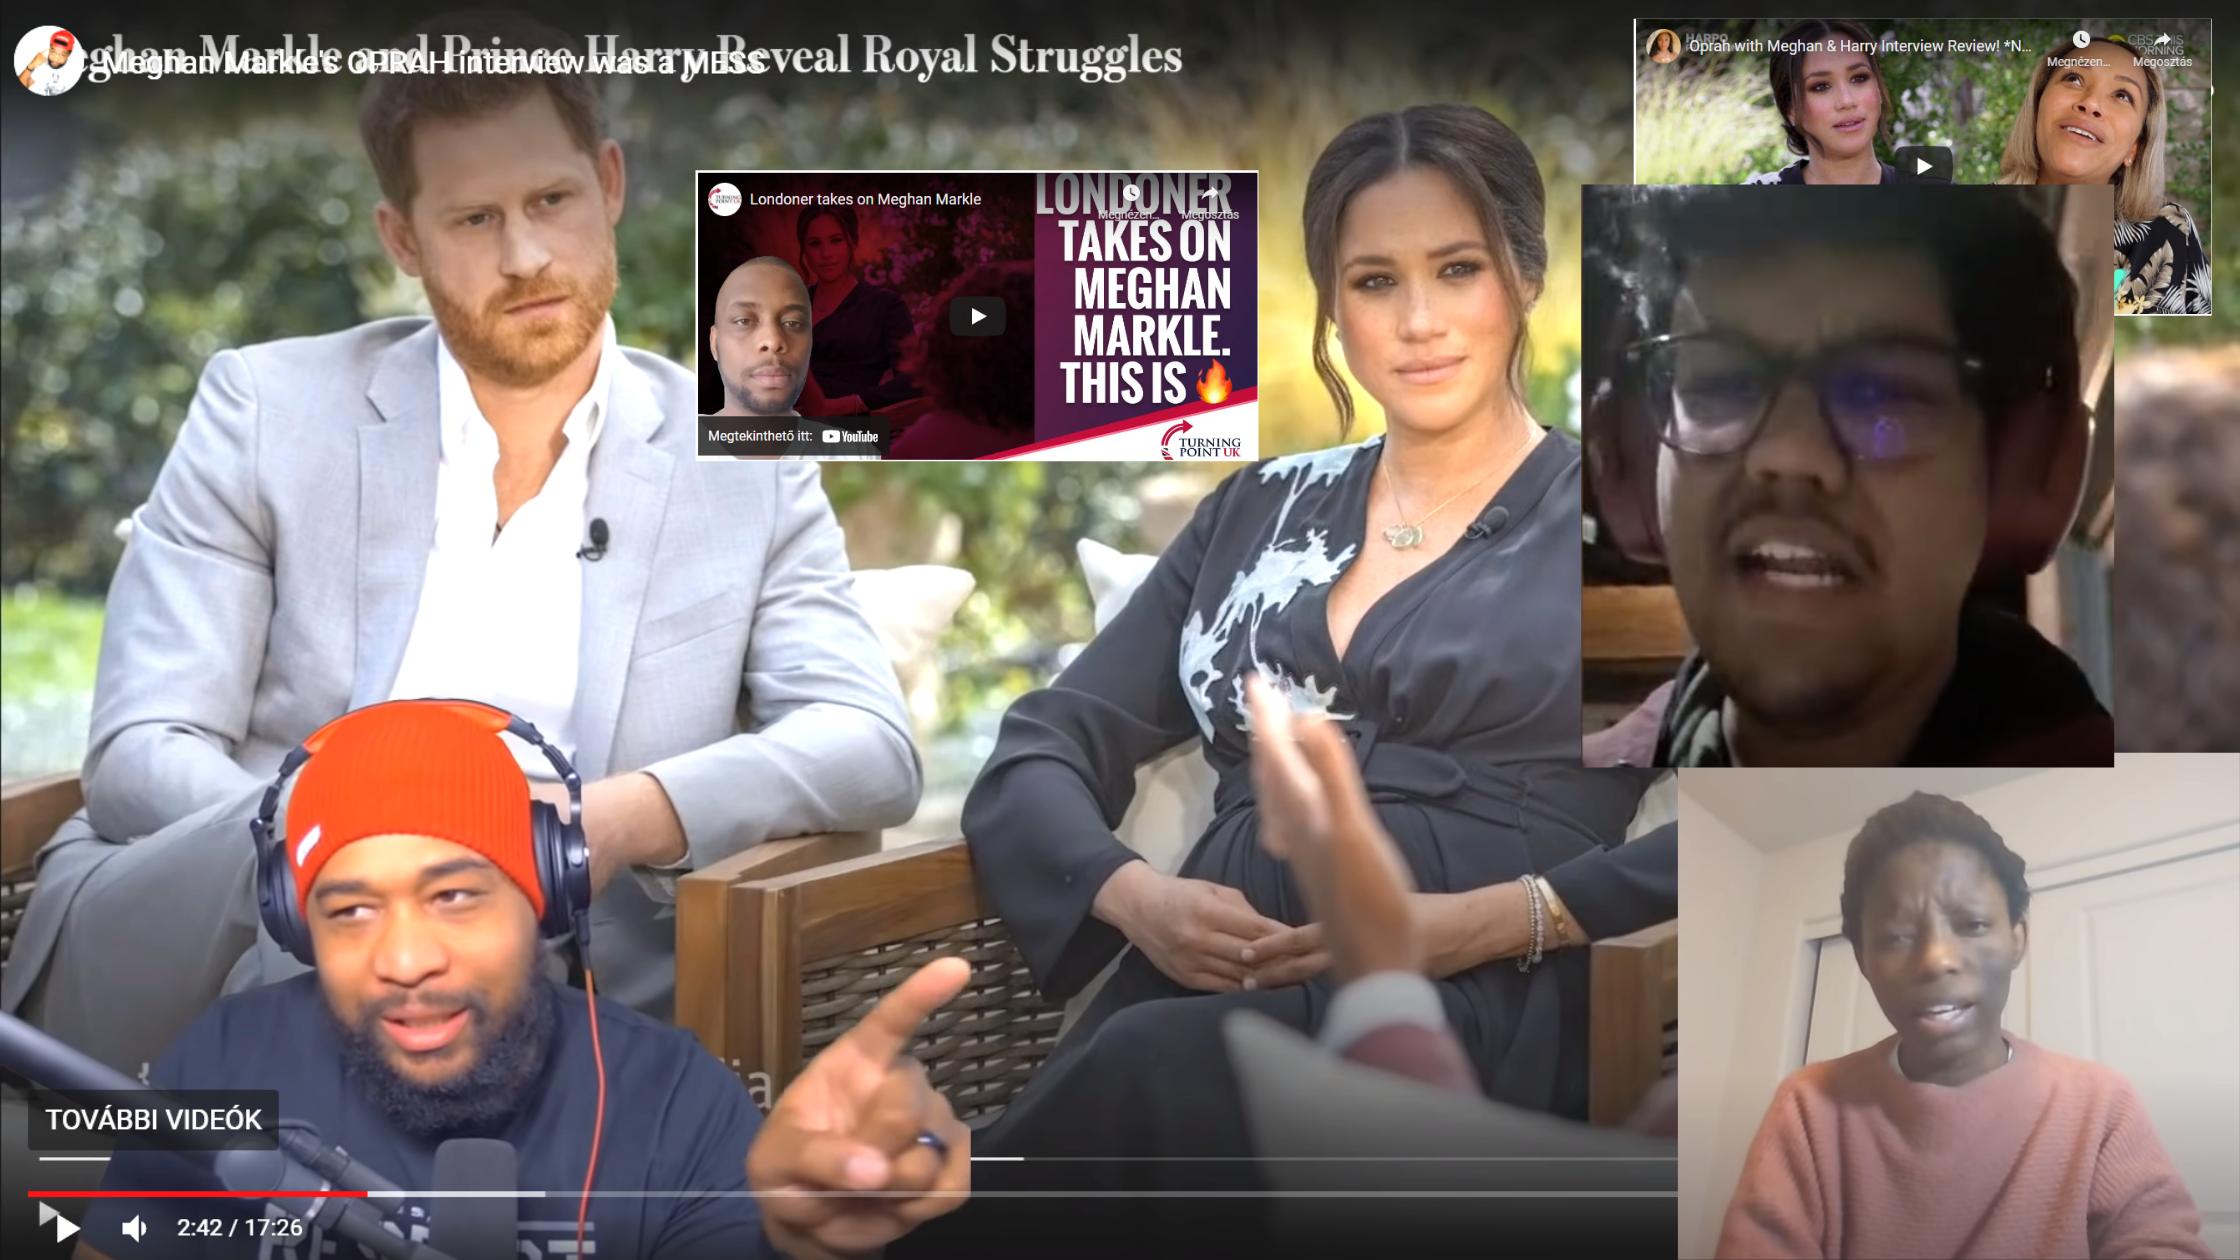 Színes bőrű állampolgárok Meghan hazugságai ellen: Világszerte kikérik maguknak Meghan Markle viselkedését a feketék és a többrasszúak